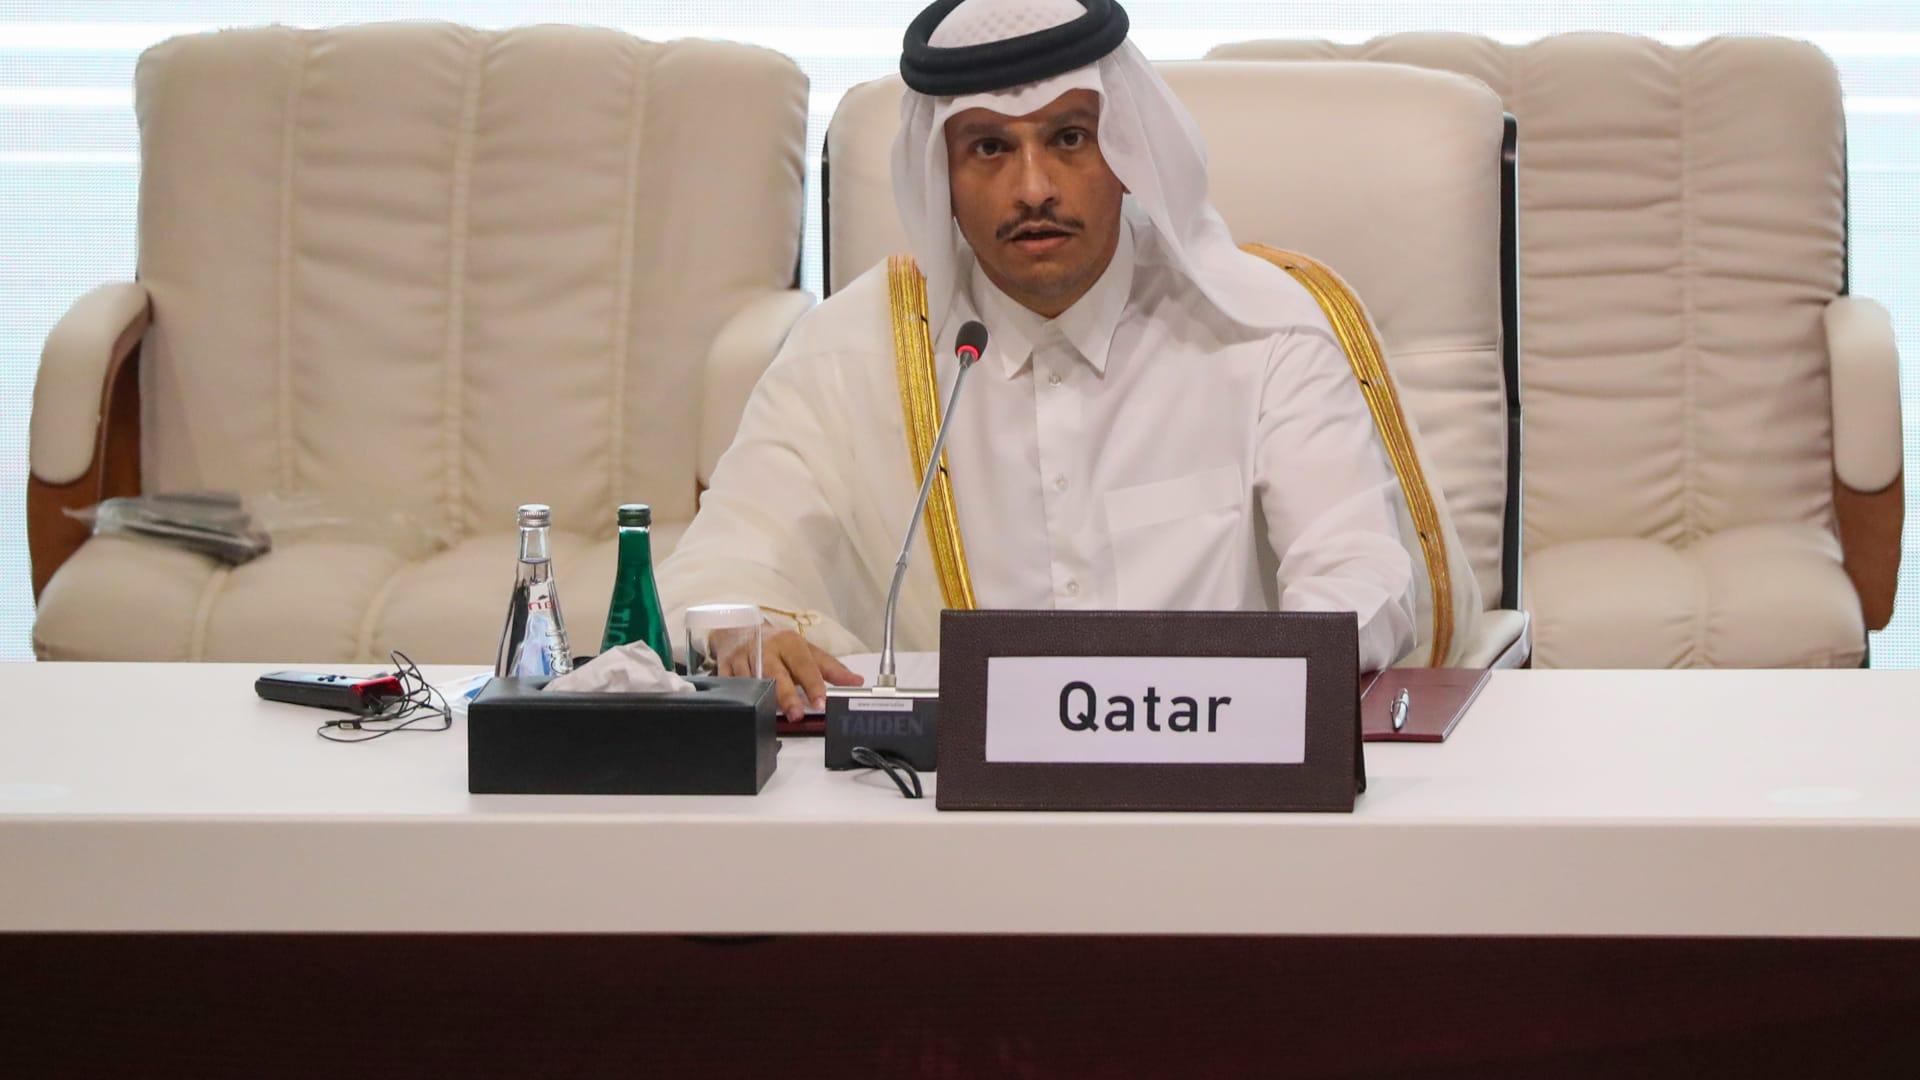 شاهد.. وزير خارجية قطر: وحدة الخليج مهمة جدًا لأمن المنطقة